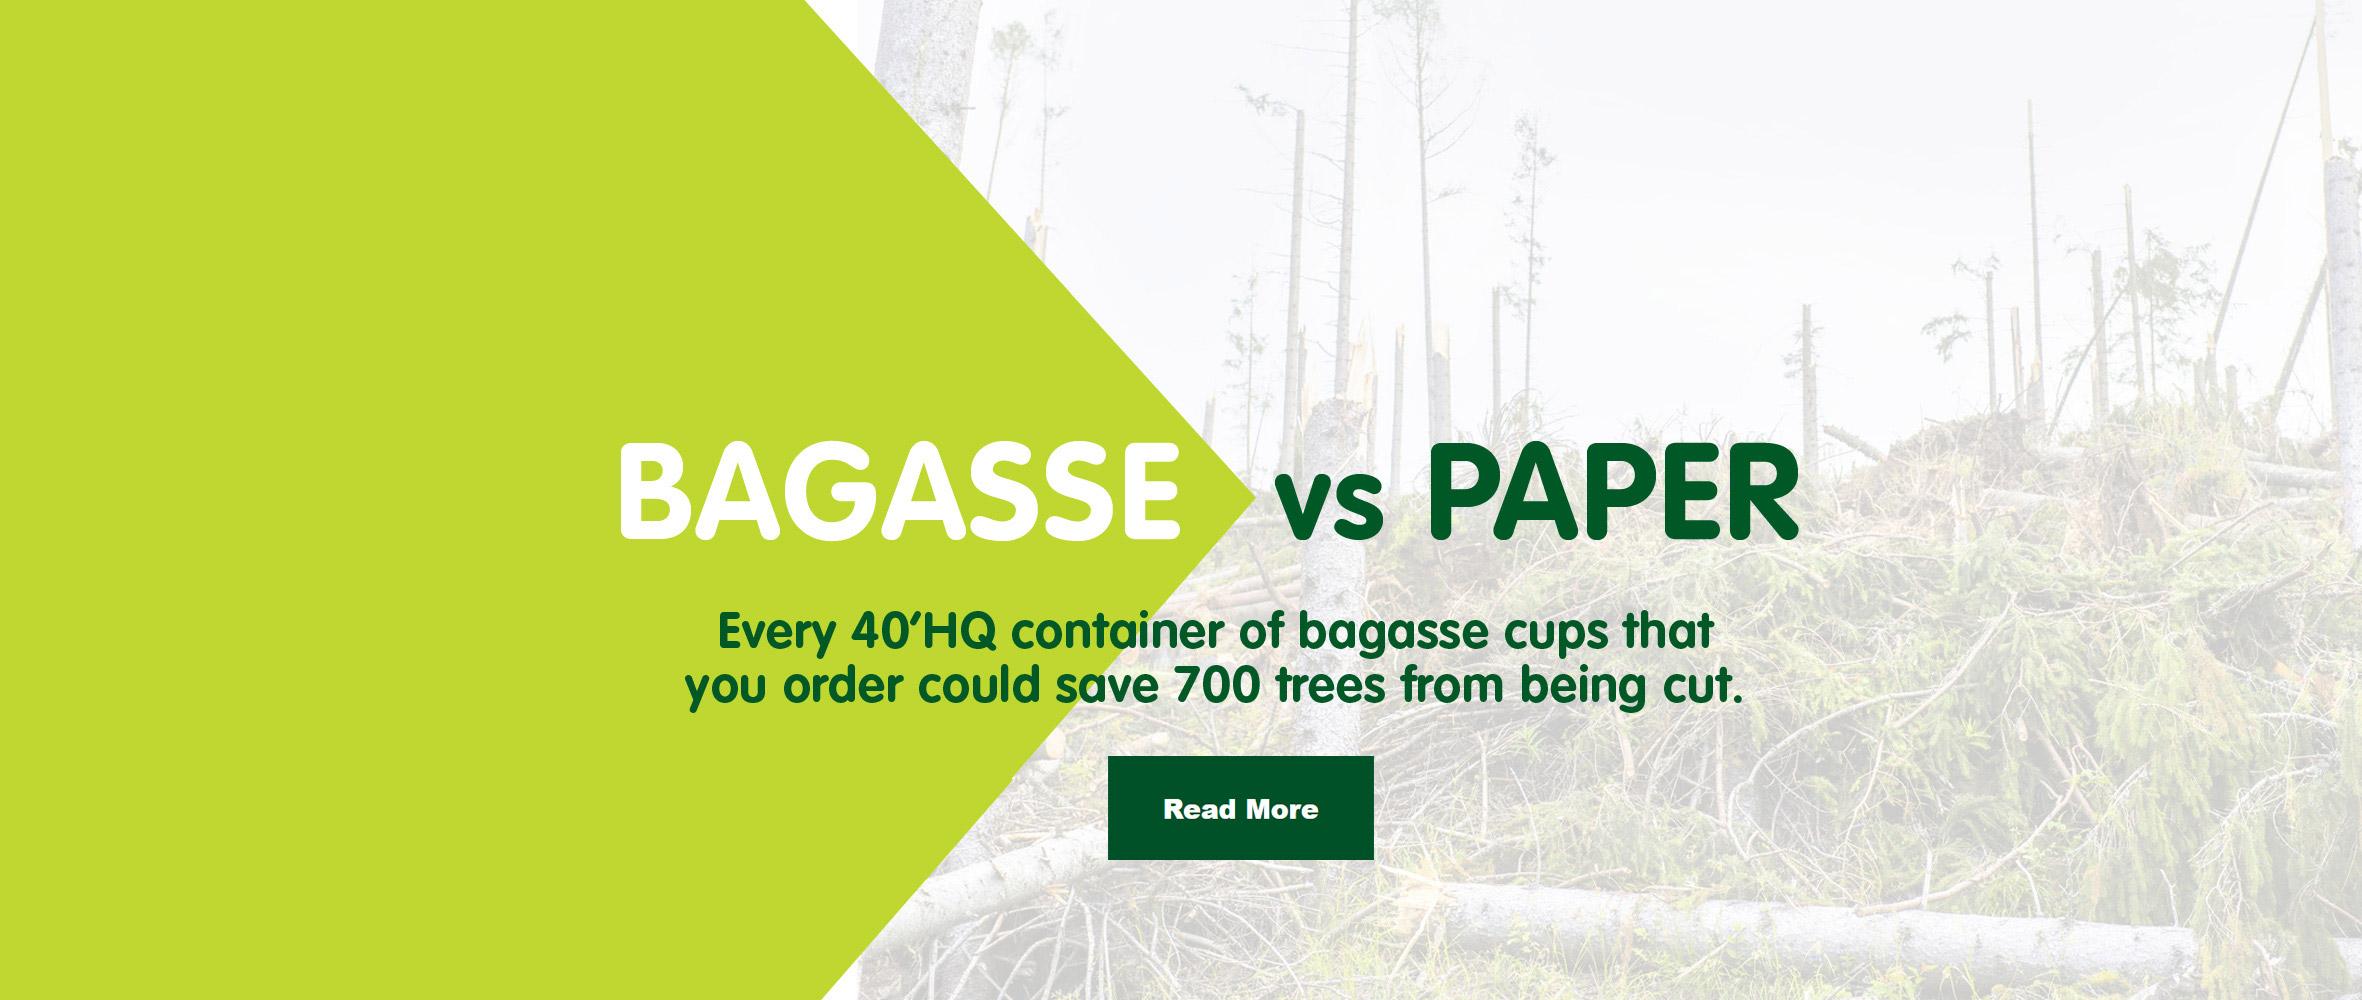 Bagasse VS paper